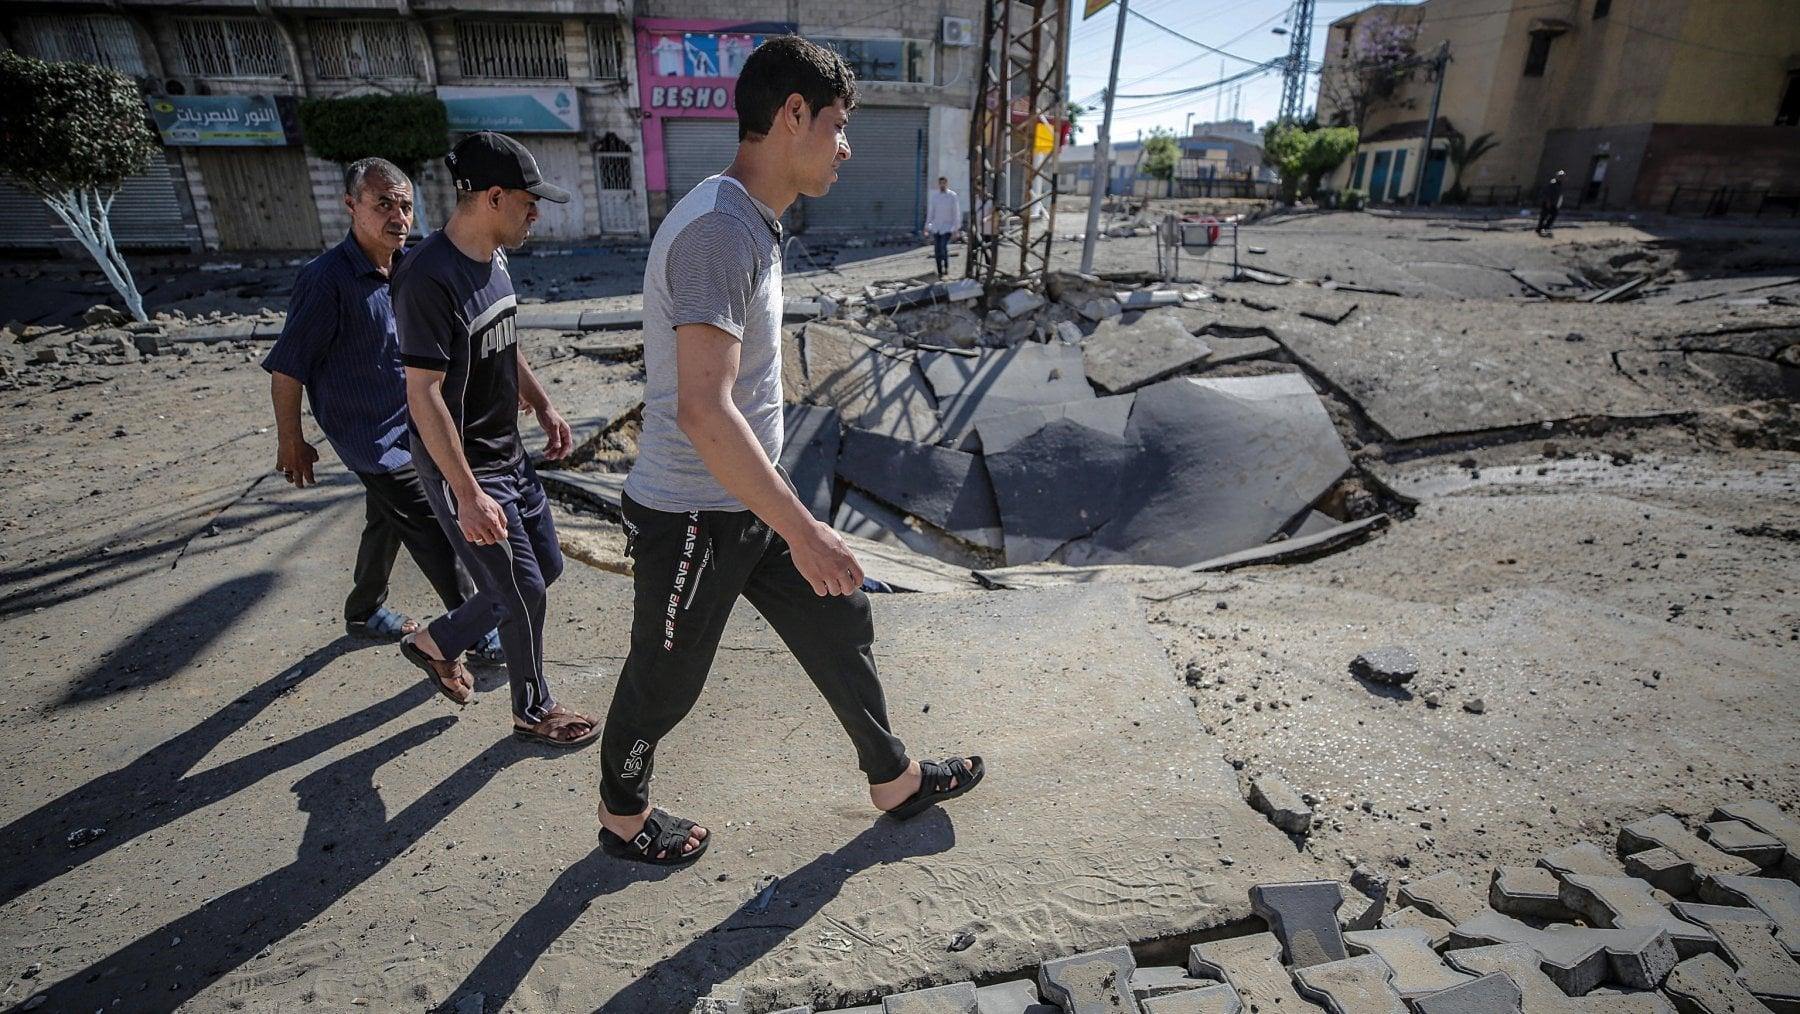 220211581 87a01cf1 06fc 4185 8452 f62bfeb0b2d0 - Gaza, notte di raid: colpiti 150 obiettivi di Hamas